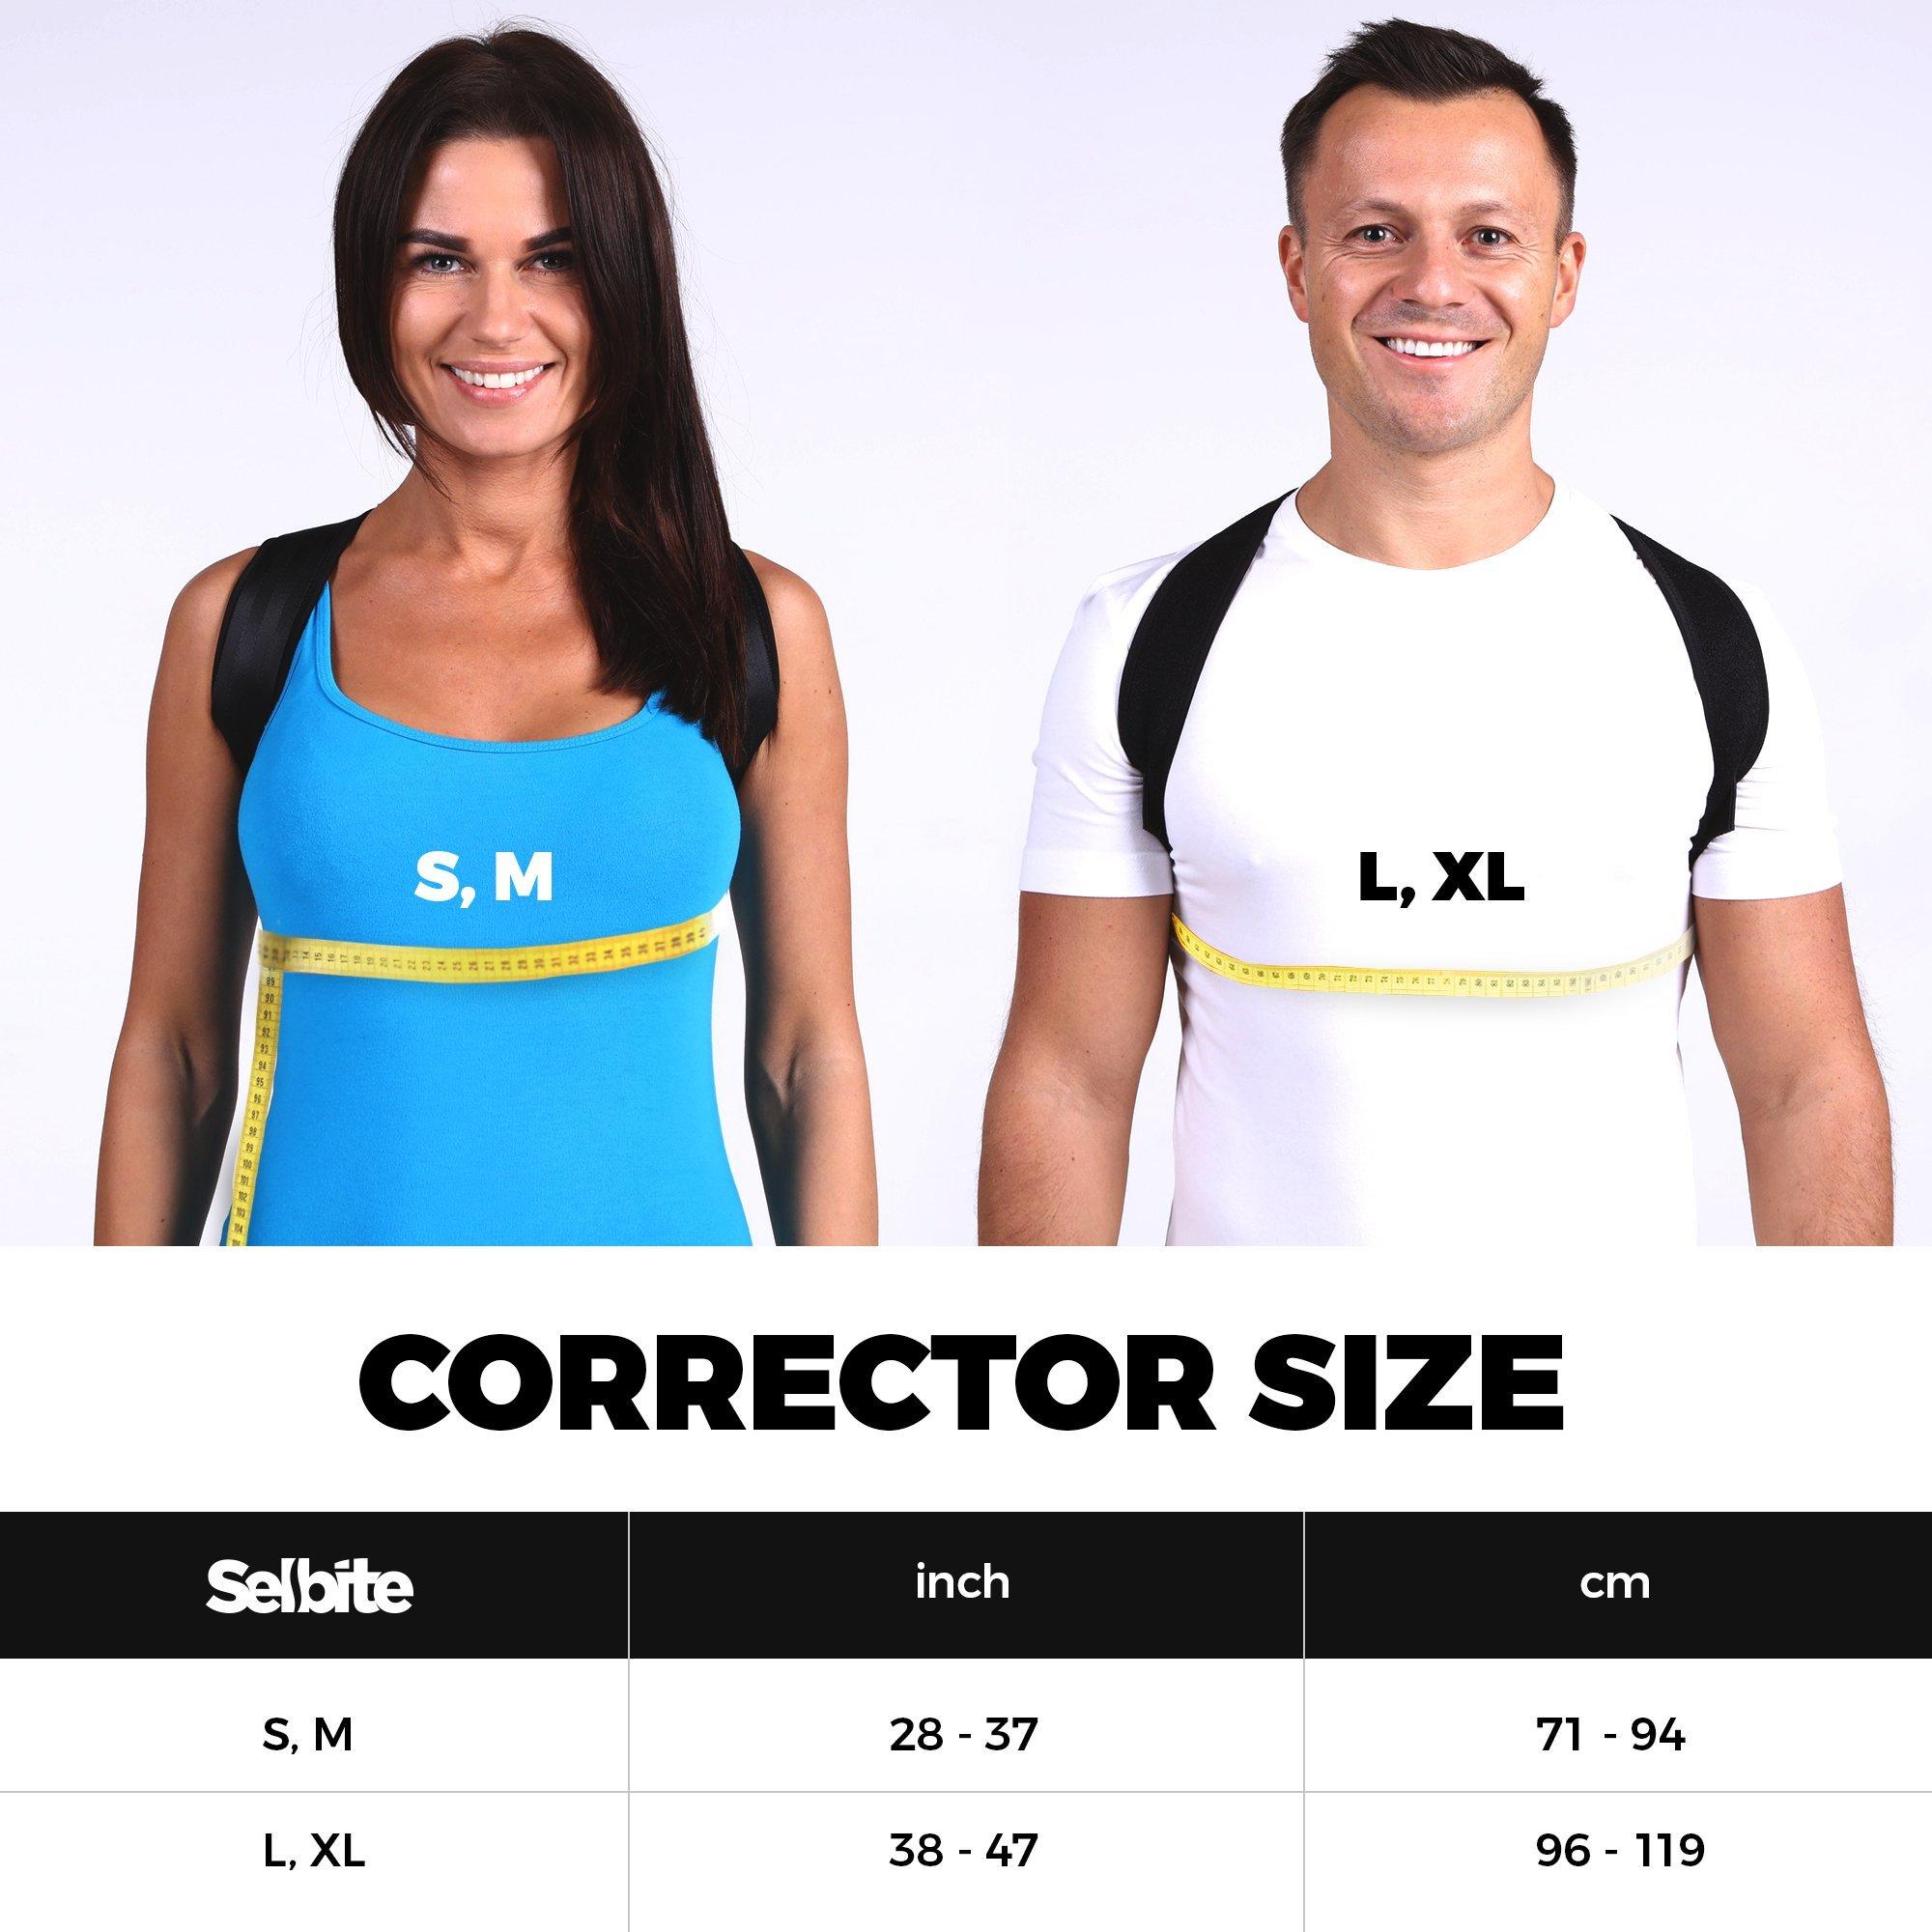 Back Posture Corrector for Men Women - Effective Posture Corrector Upper Back Straightener - Adjustable Posture Brace - Back Brace - Lightweight and Comfortable for Improving Posture by Selbite (Image #7)